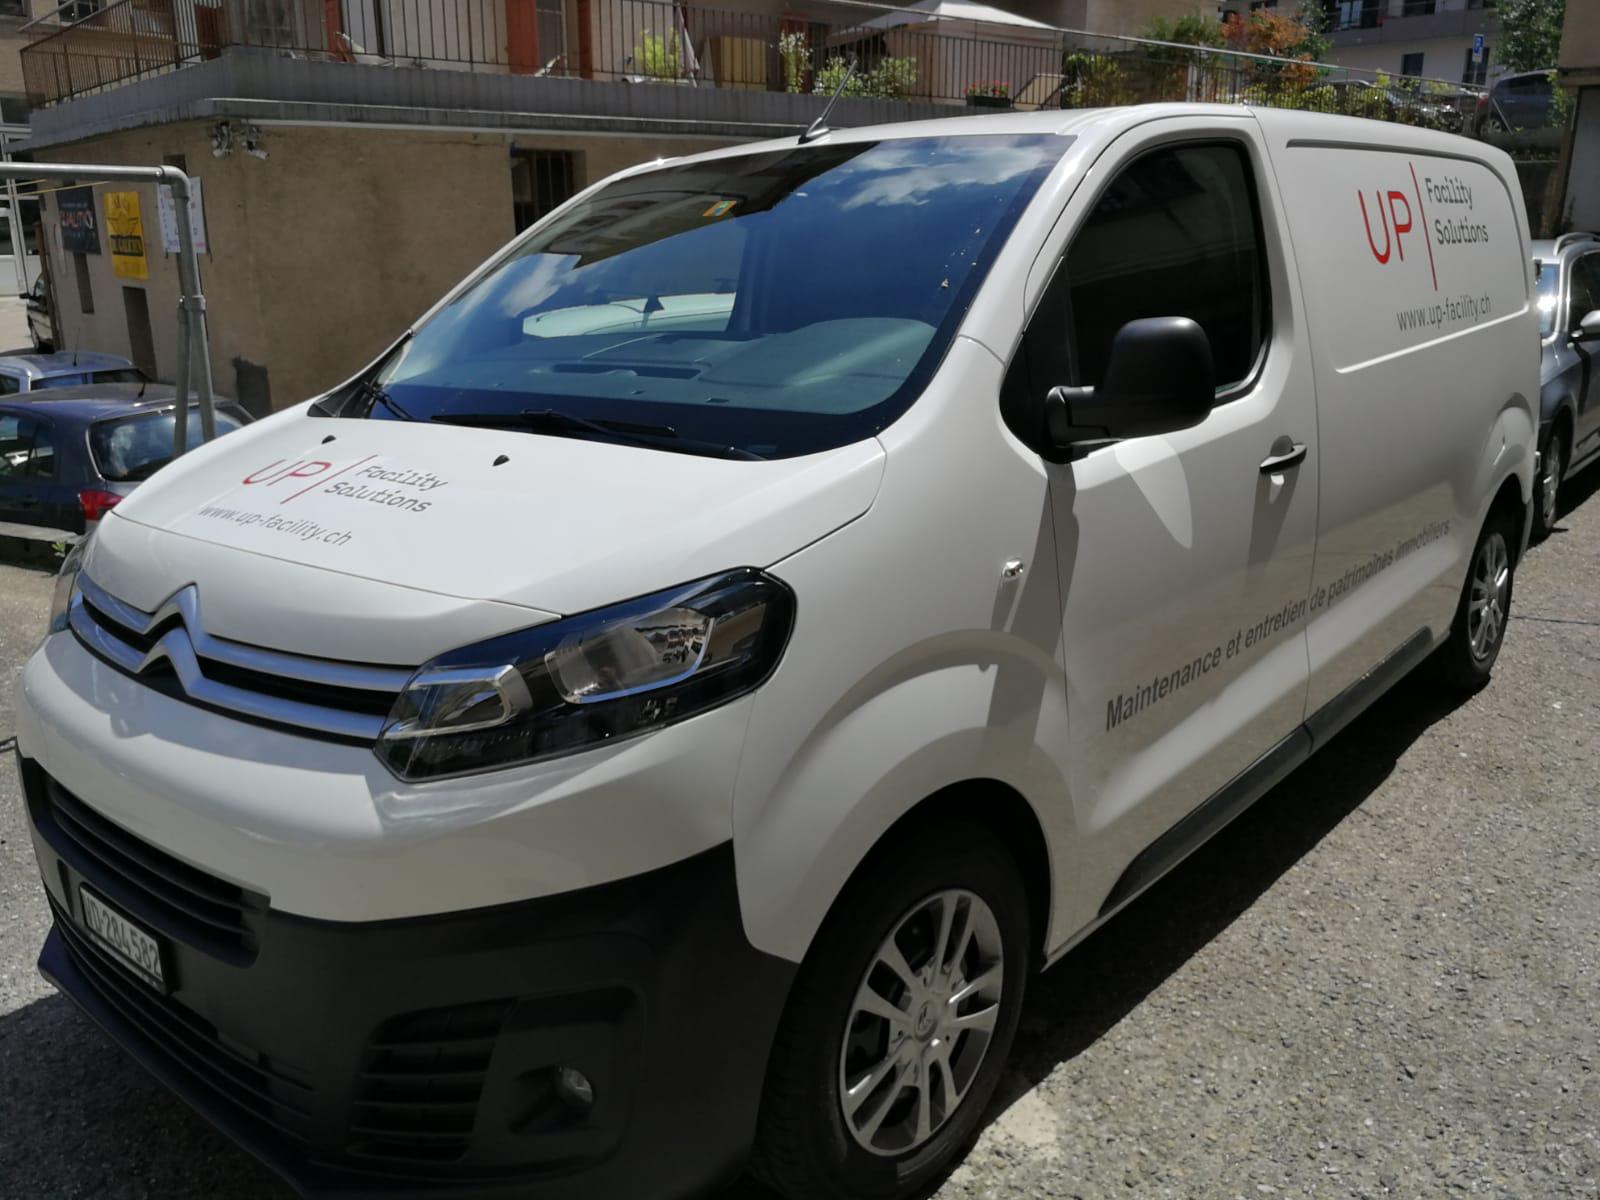 Flocage utilitaire, sticker côtés et arrière véhicule entreprise (3)